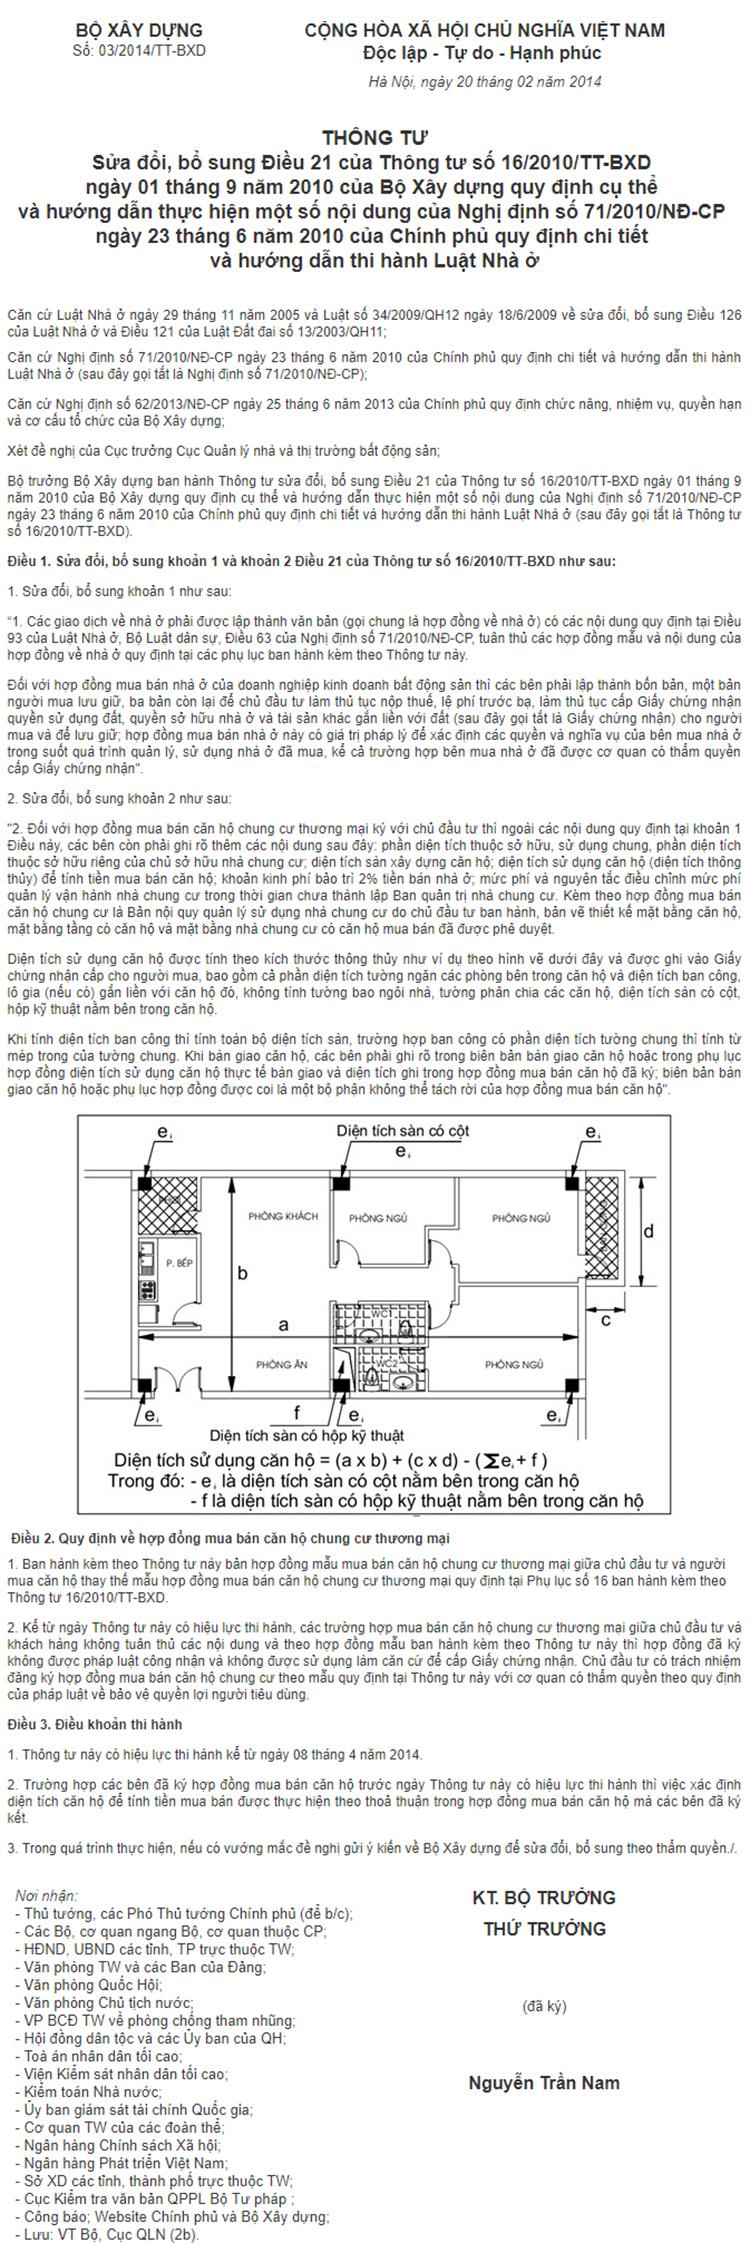 tt của bộ xây dựng về đo chung cư